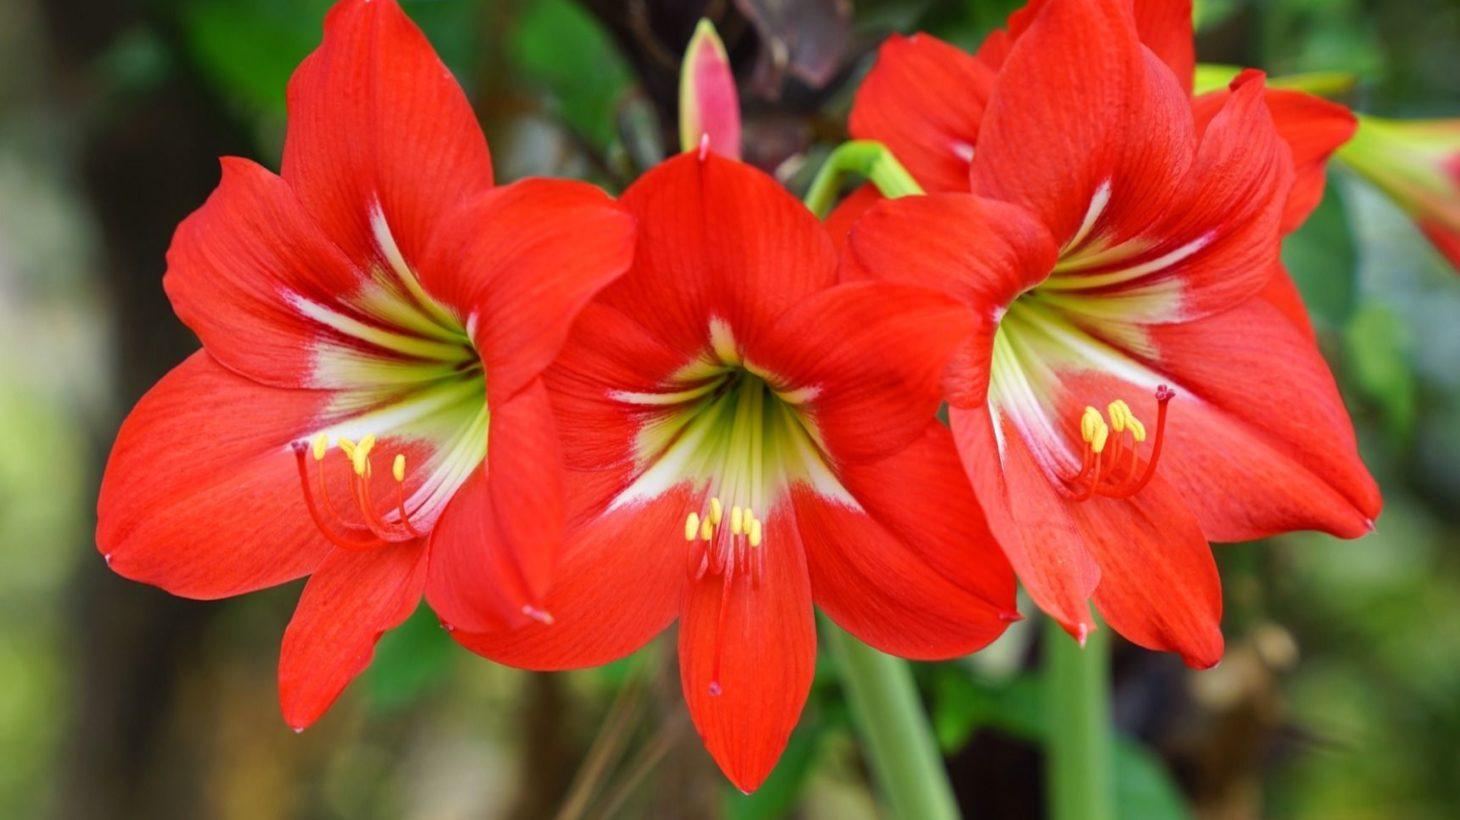 アマリリスの育て方。コツとお手入れ、植え替えや寄せ植えを一挙紹介します | GardenStory (ガーデンストーリー)